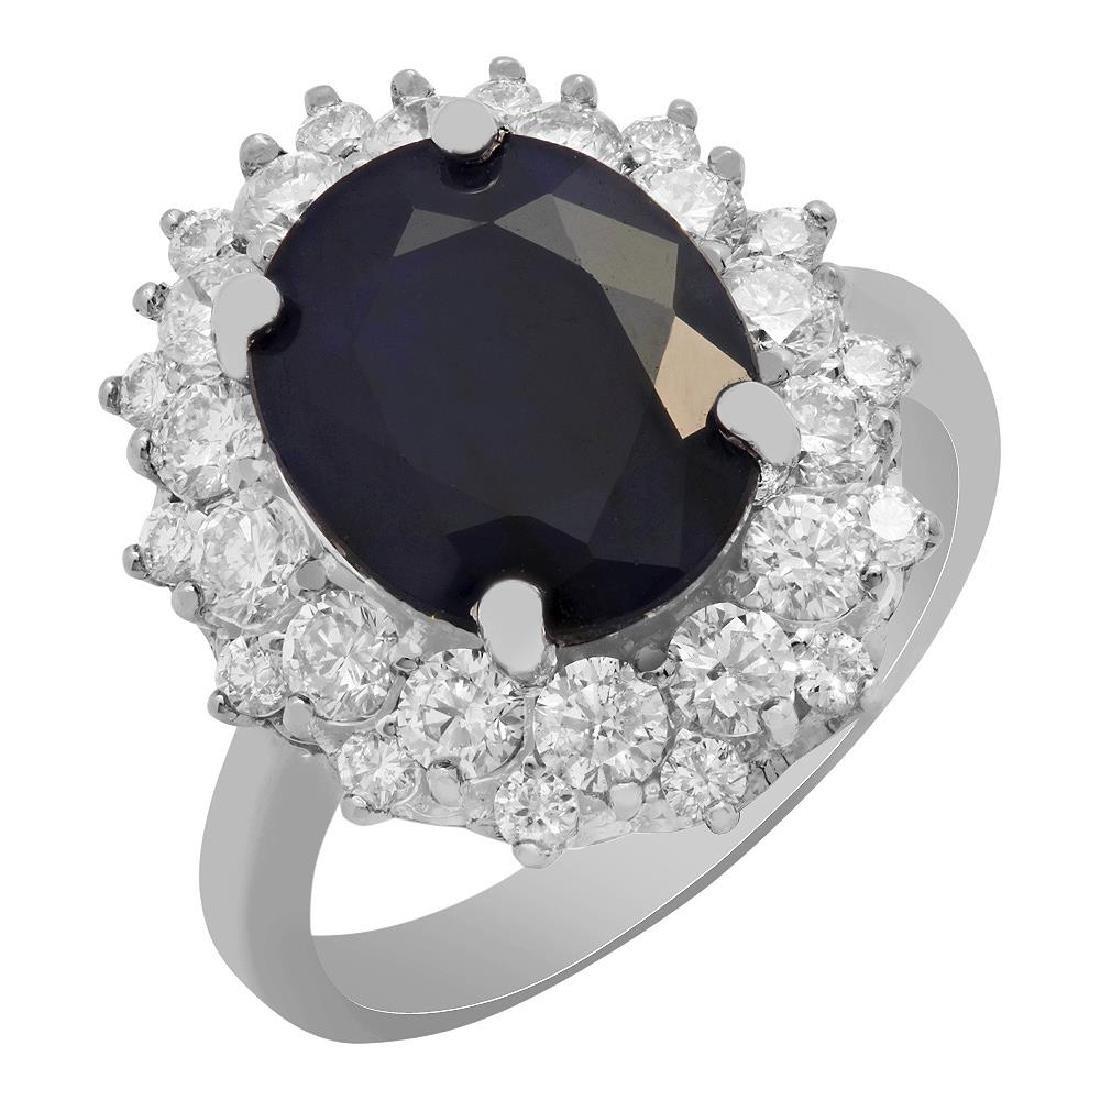 14k White Gold 6.61ct Sapphire 1.43ct Diamond Ring